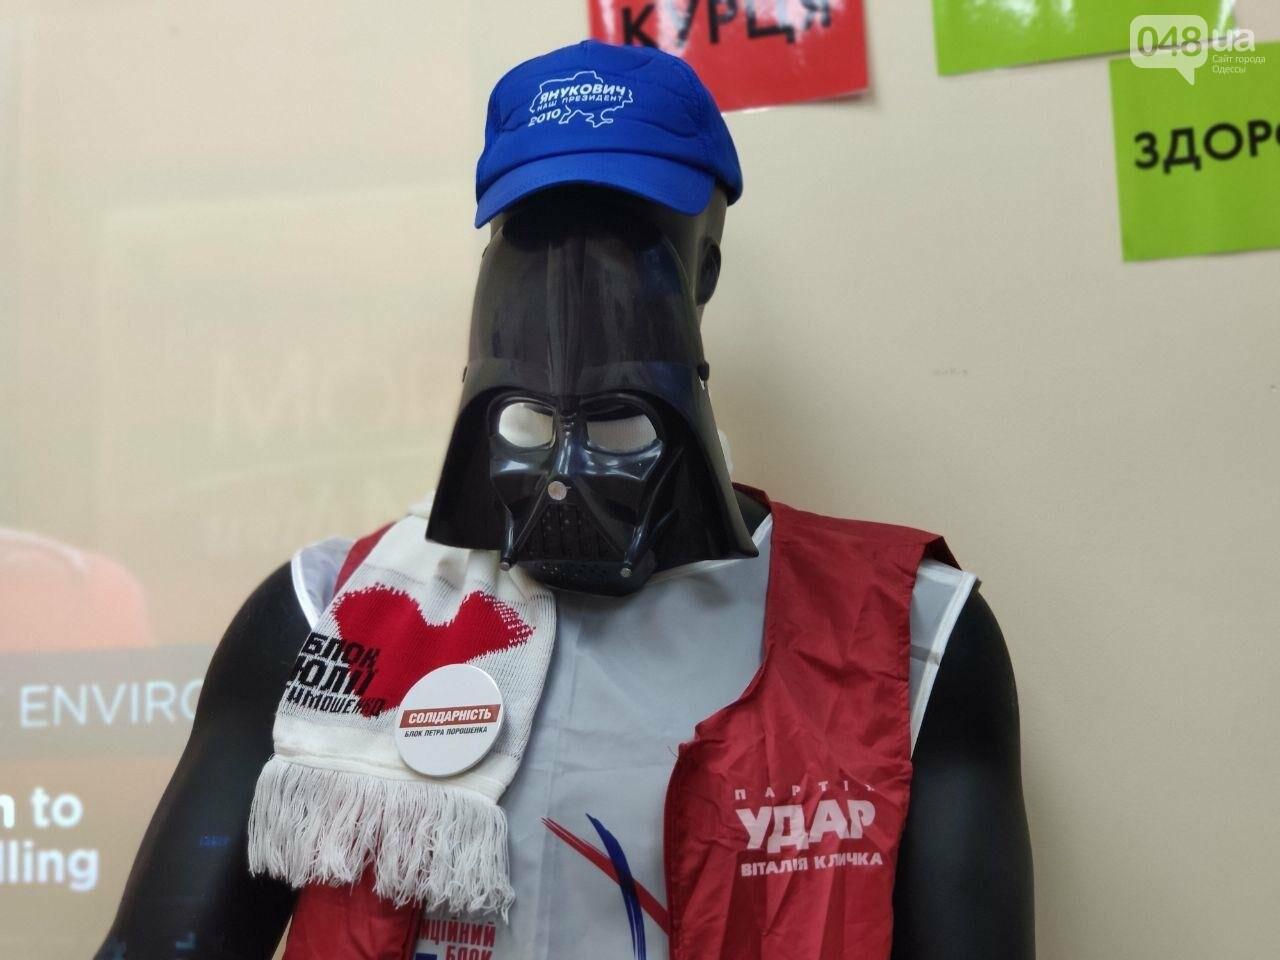 Гречка и секонд-хенд от кандидата: что посмотреть в новом музее выборов в Одессе, - ФОТОРЕПОРТАЖ, фото-10